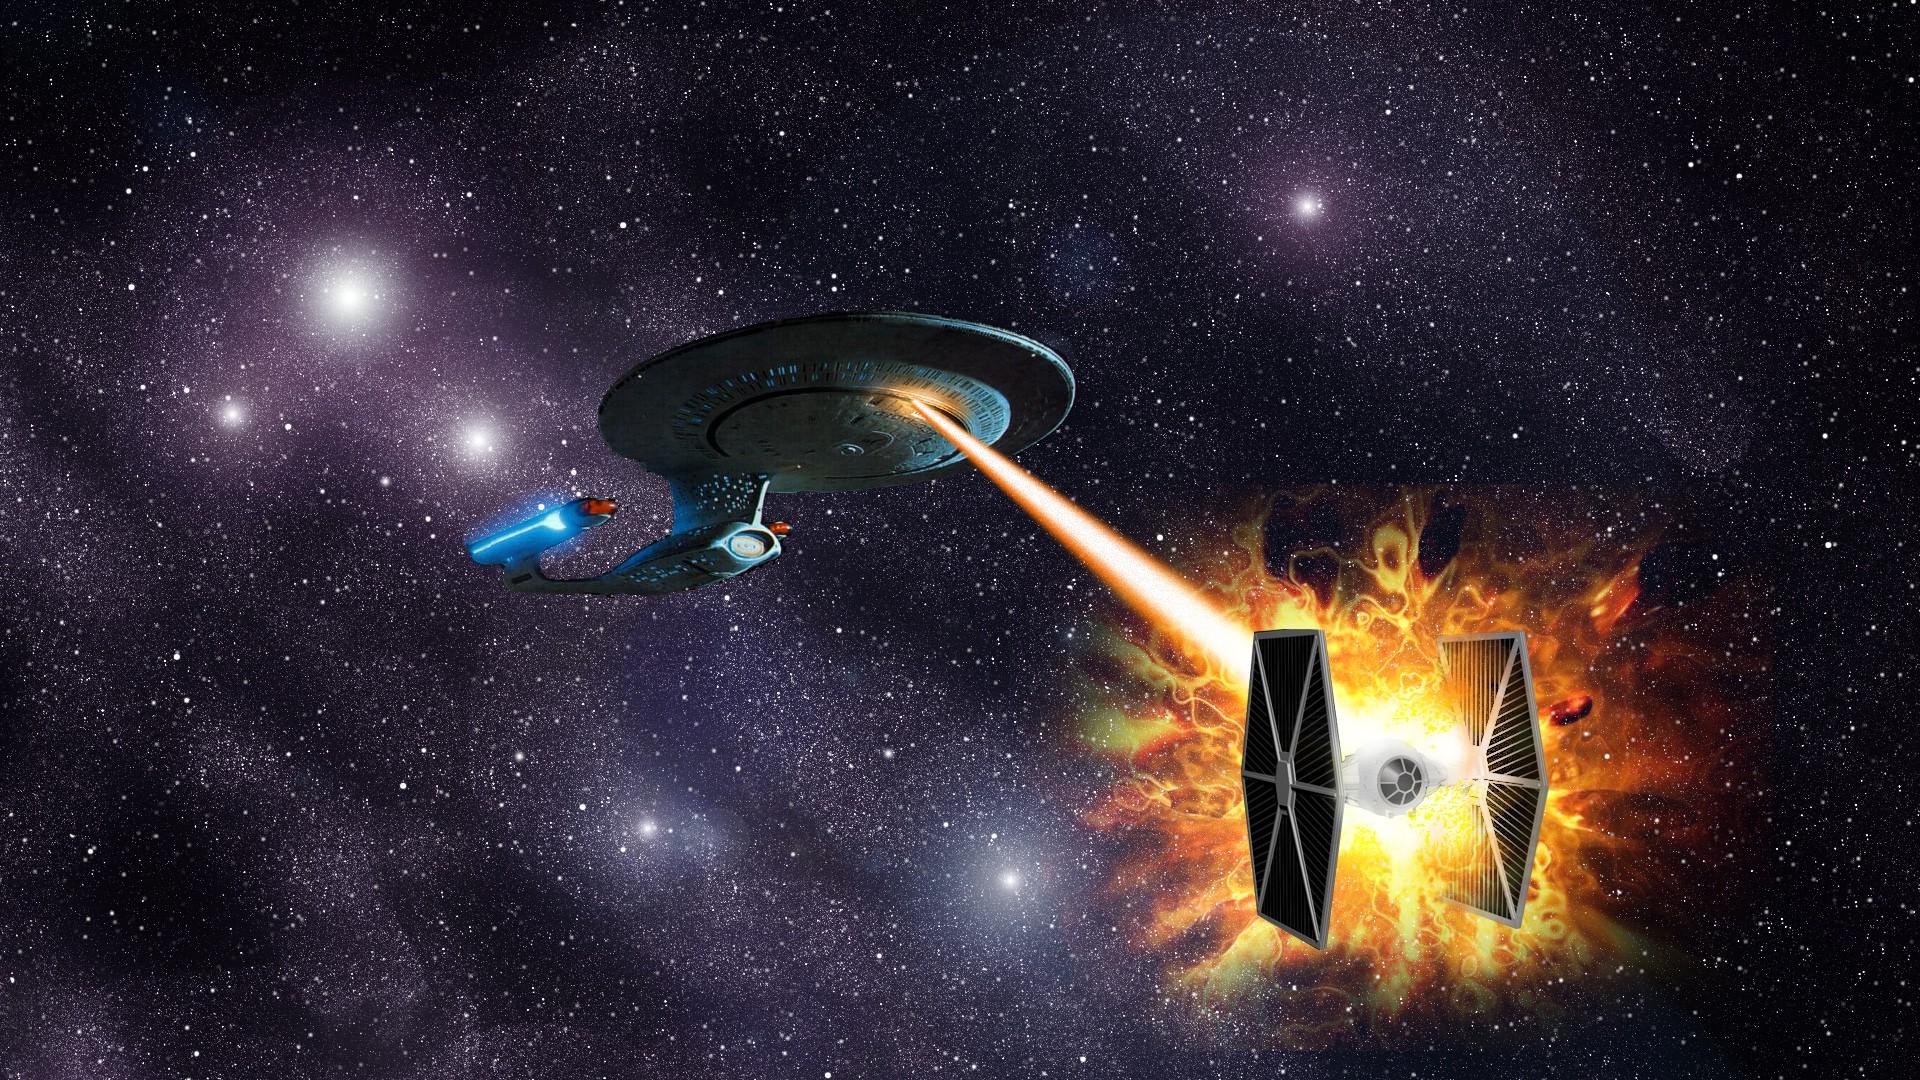 Wallpaper Star Wars Galaxy Sky Atmosphere Star Trek